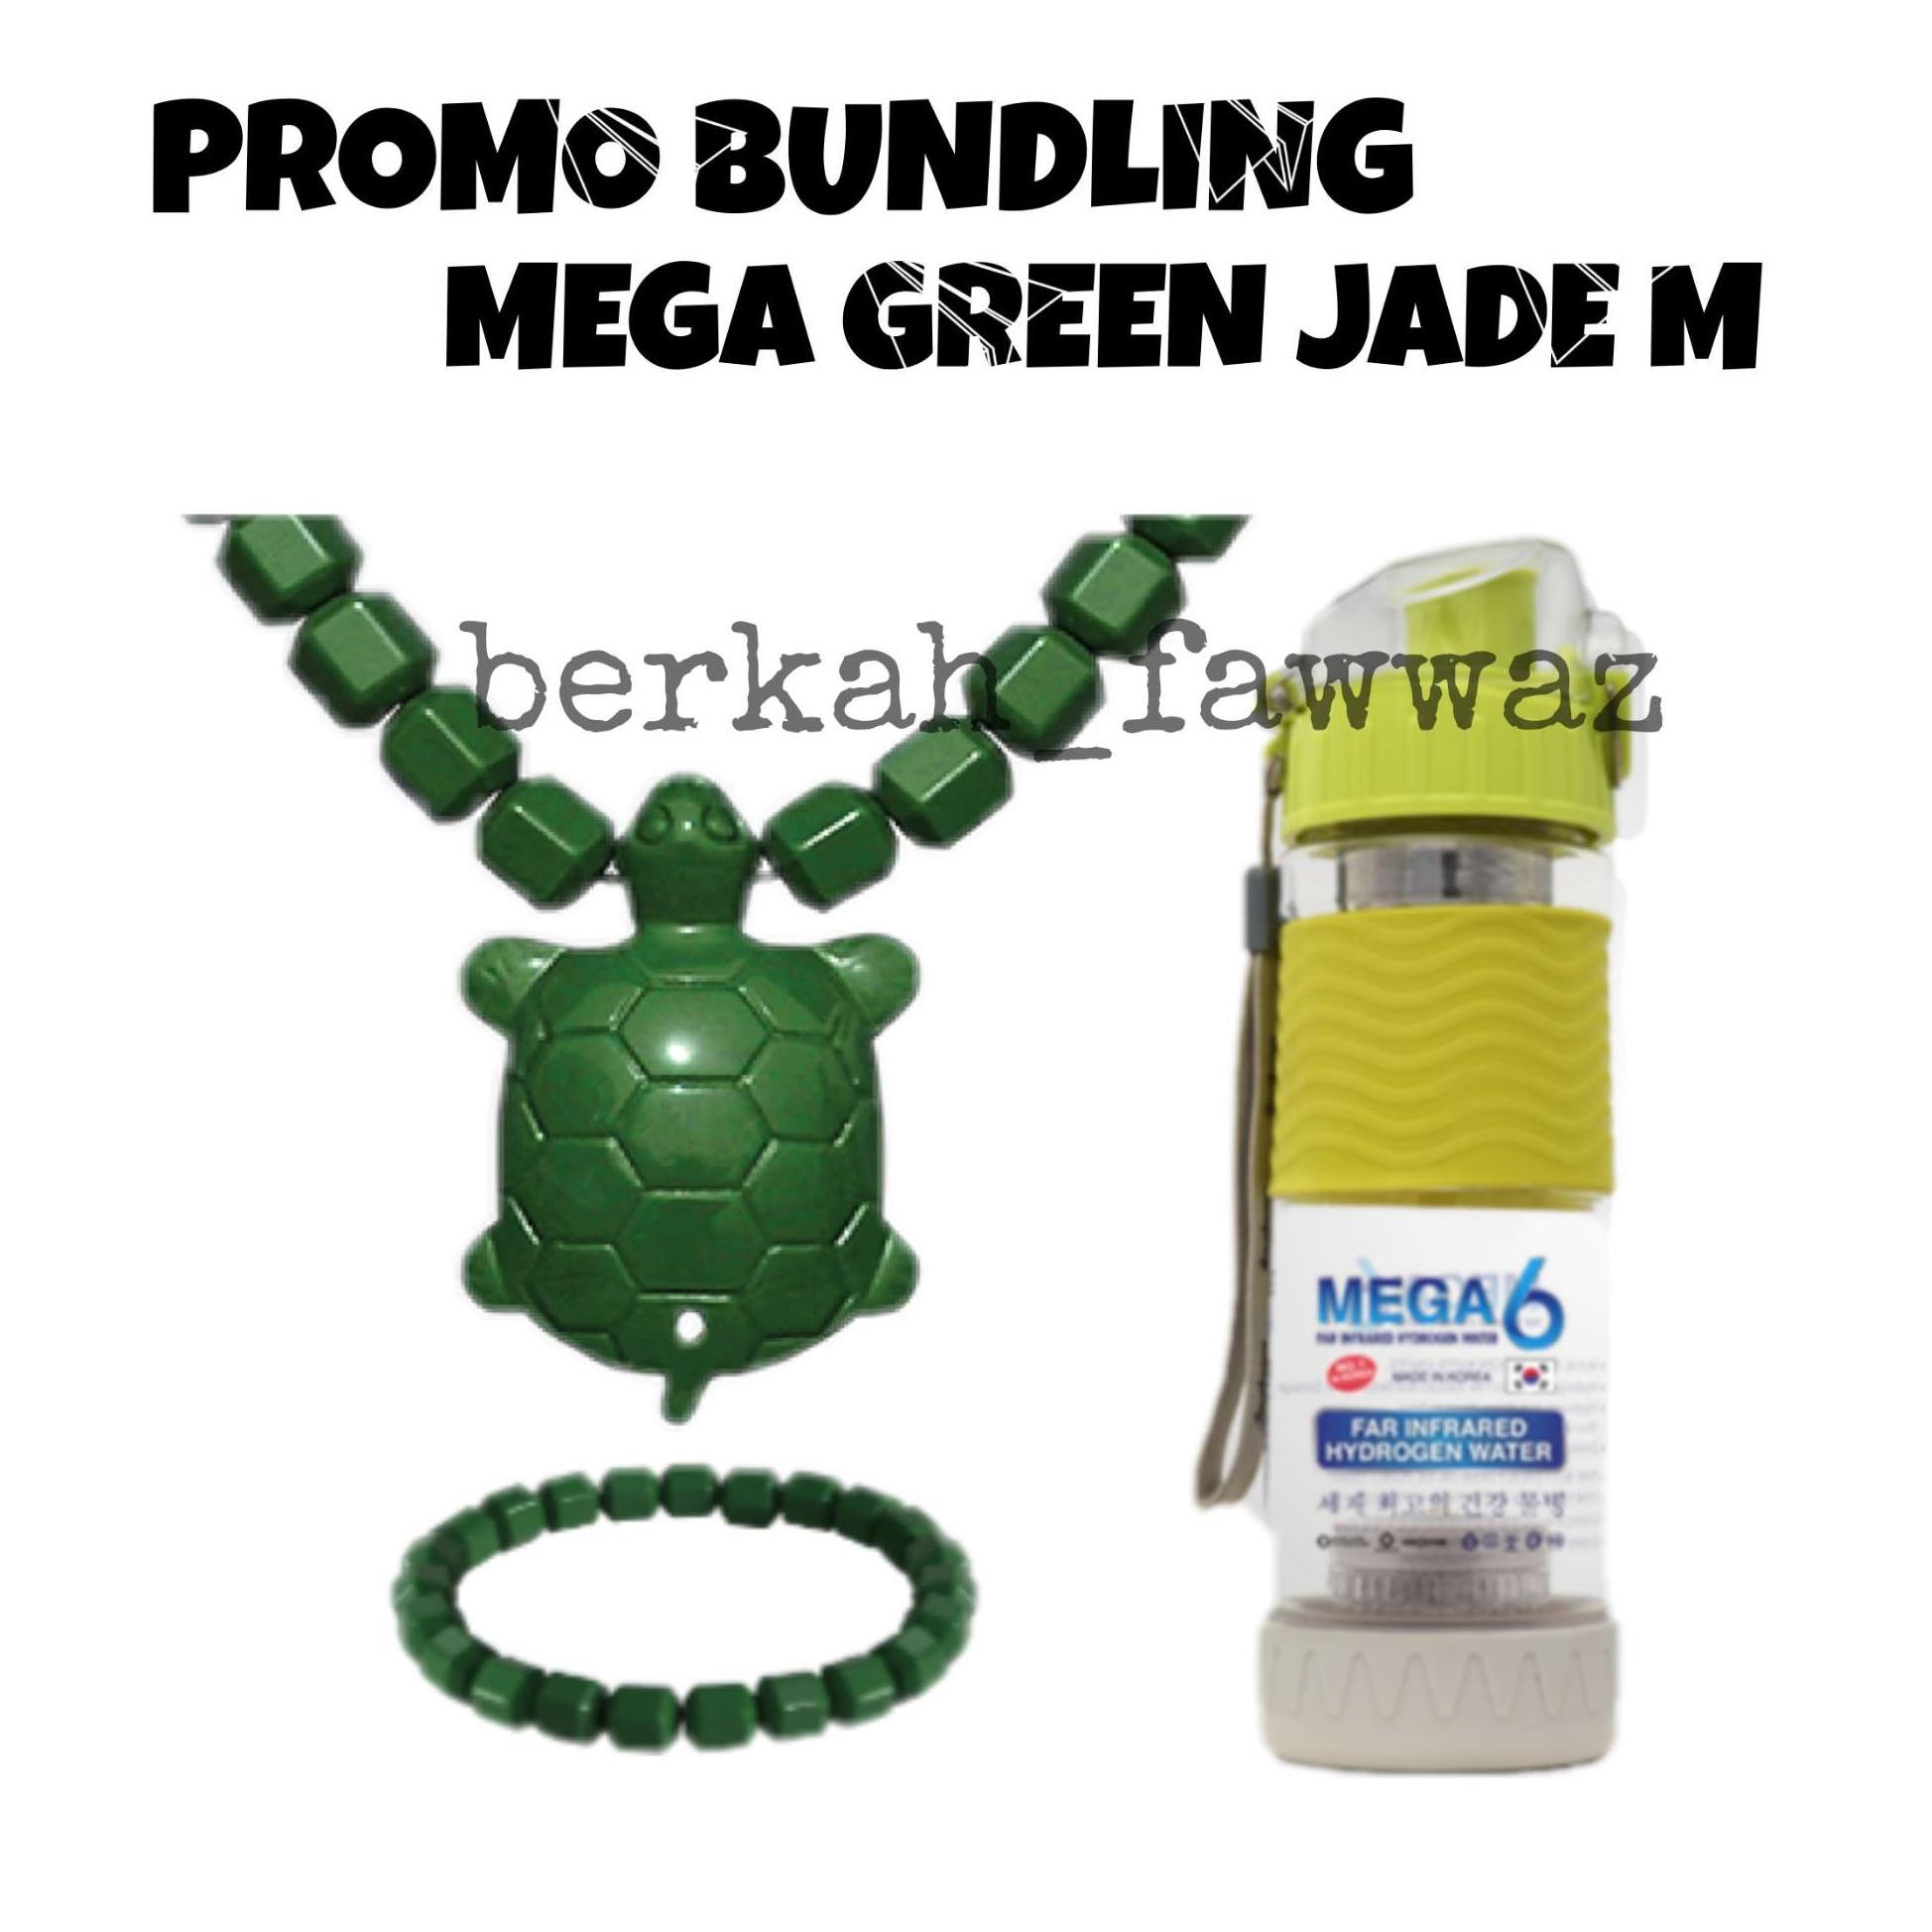 BOTOL MEGA 6 500 ML GRATIS KALUNG JISAMUNSE KURA HIJAU - MEGA6 JINSAMUNSE GREEN JADE